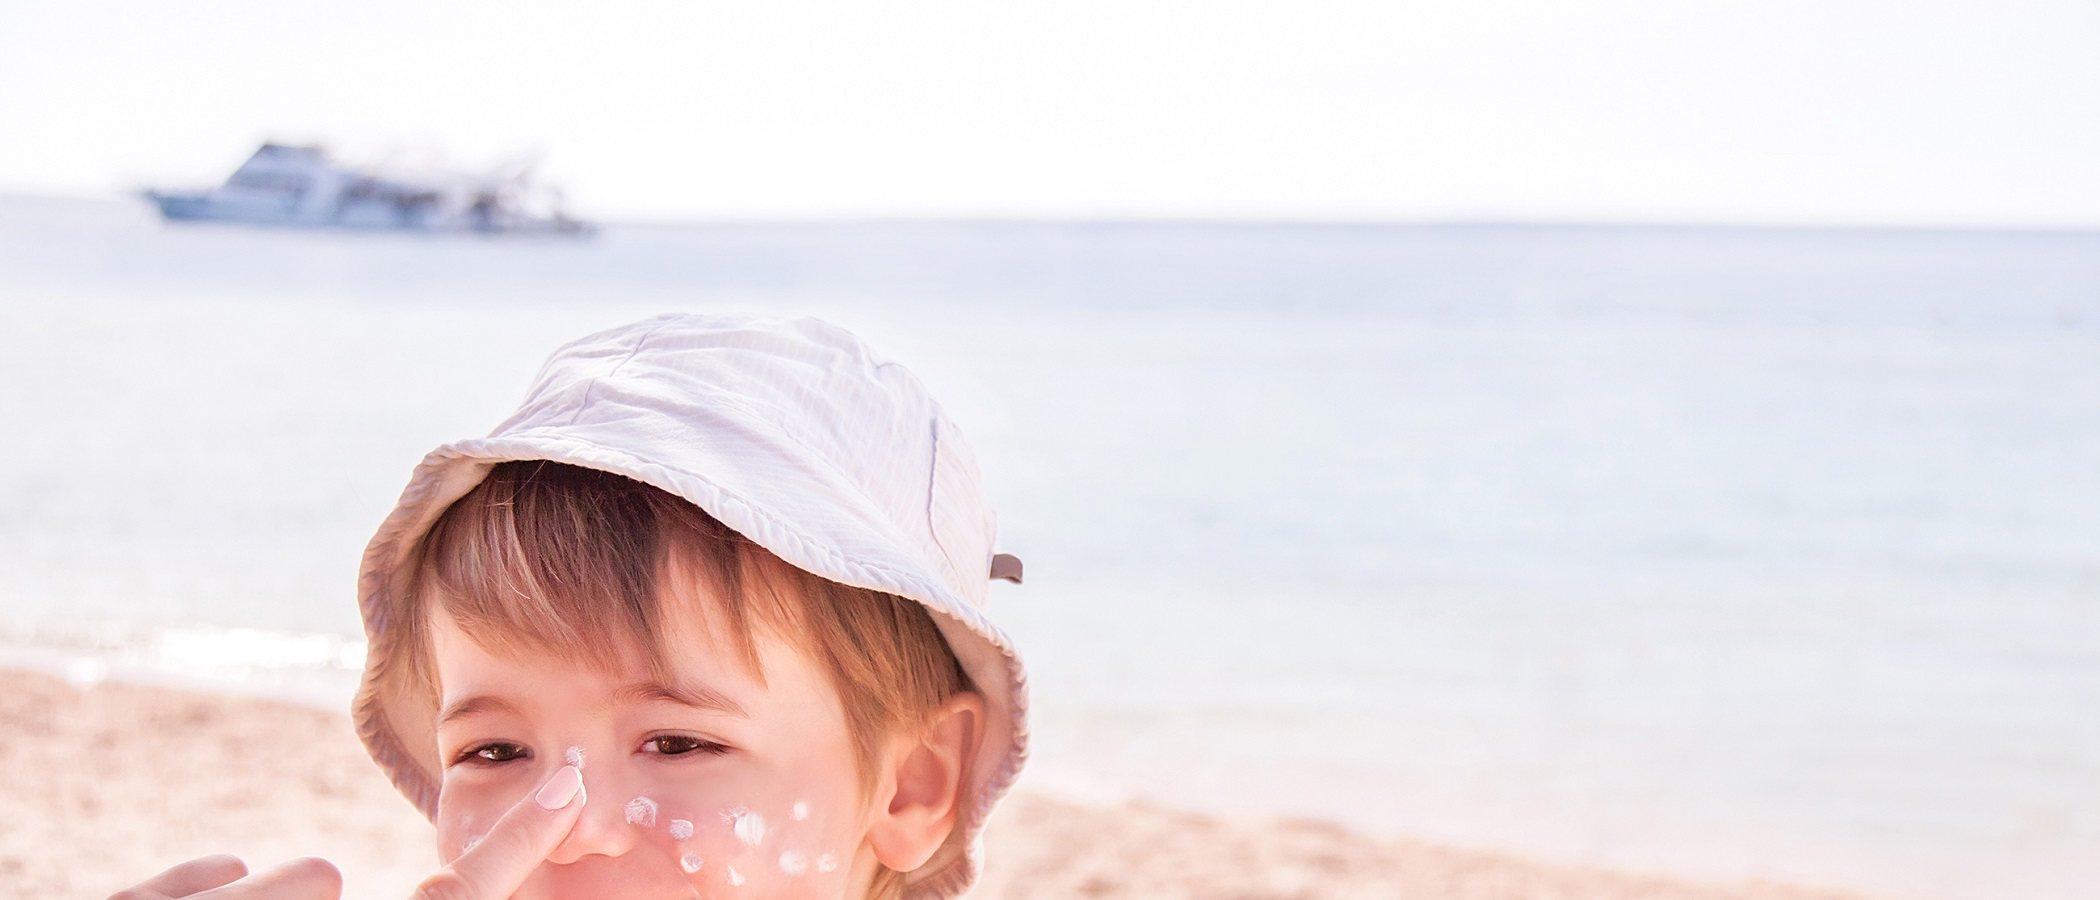 Protege a tus hijos del sol y de las quemaduras